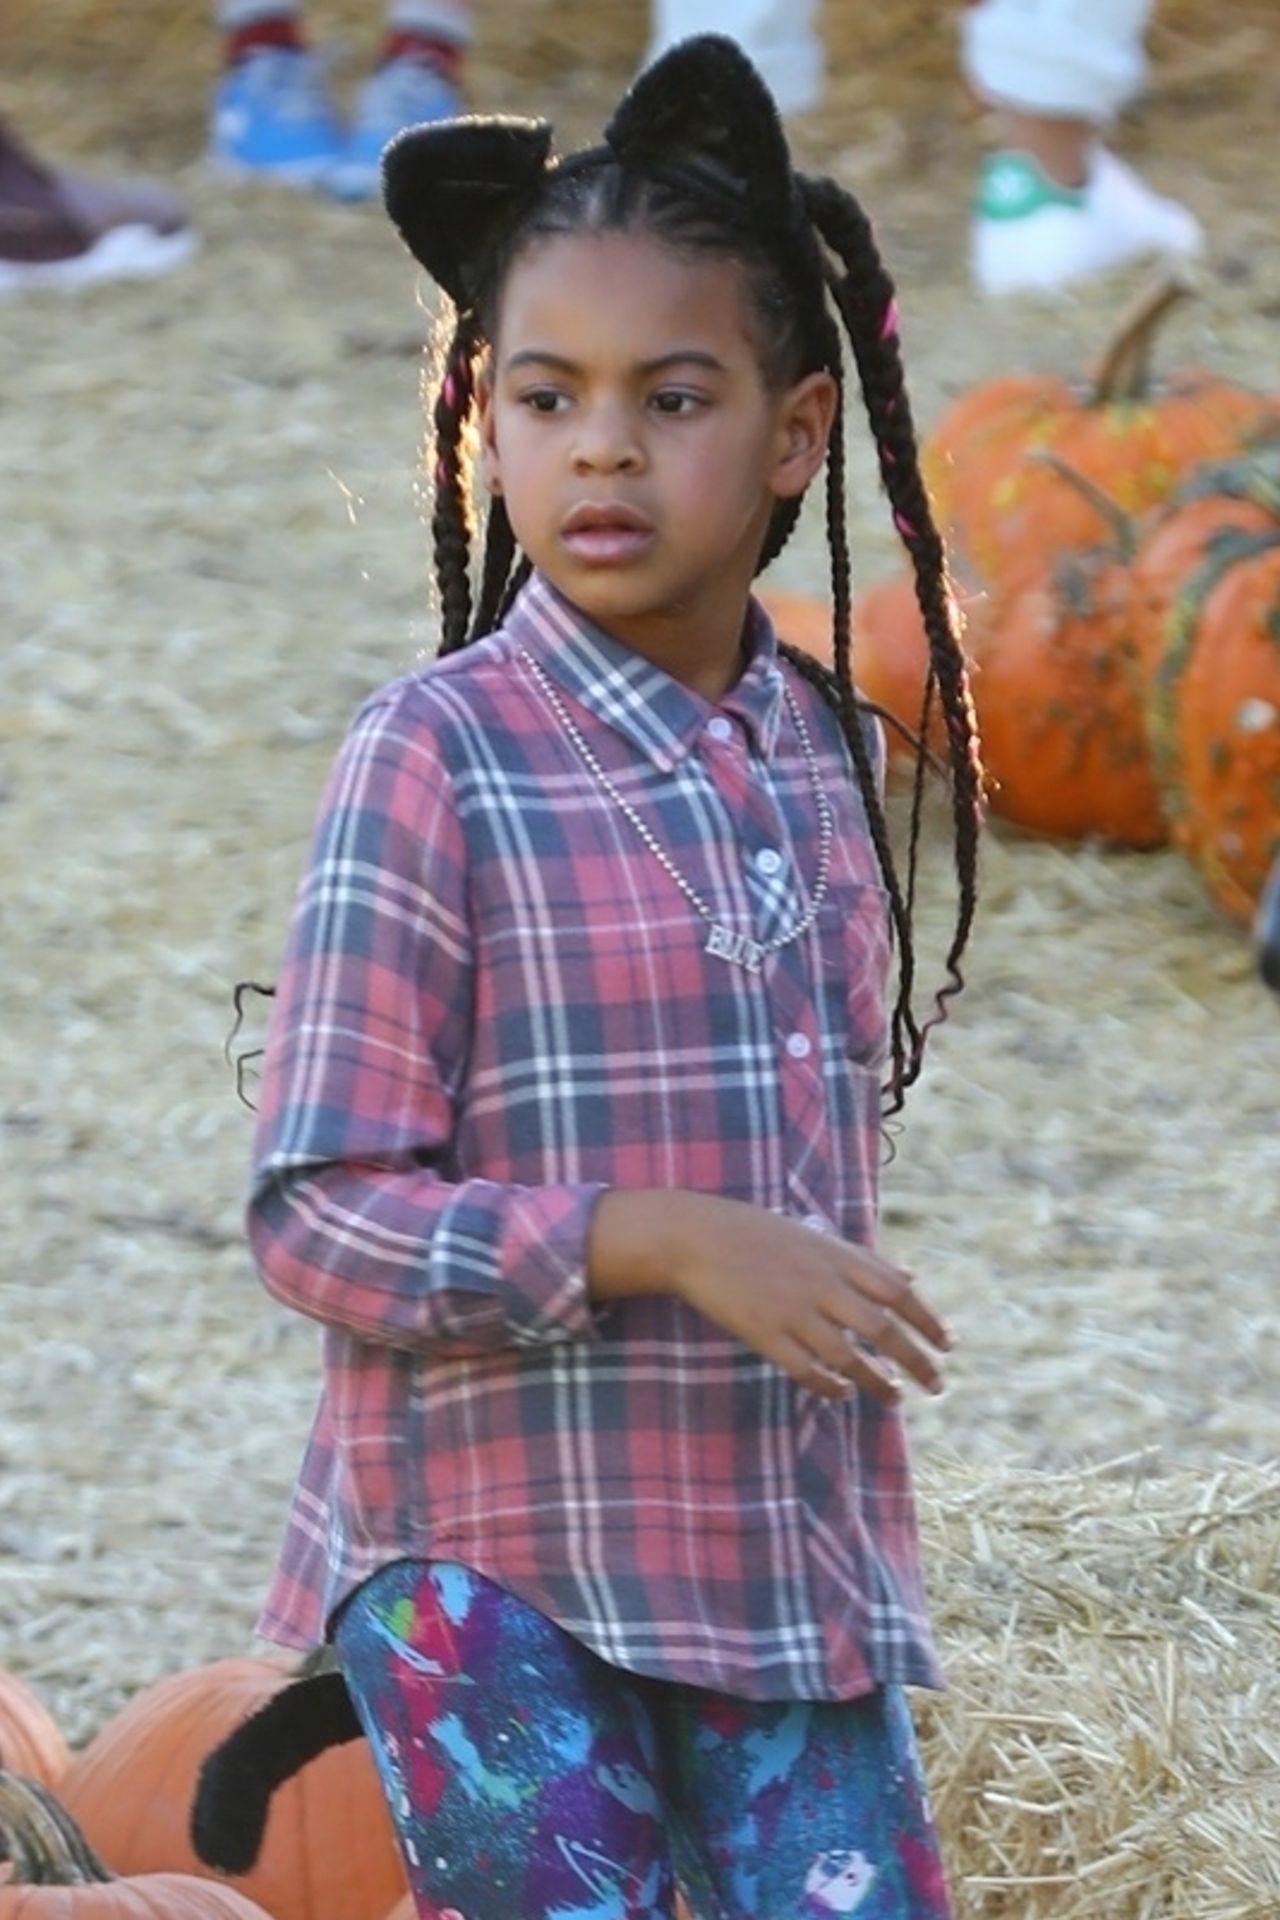 WOW! 5-letnia Beyonce wyglądała identycznie jak dziś jej córka Blue Ivy